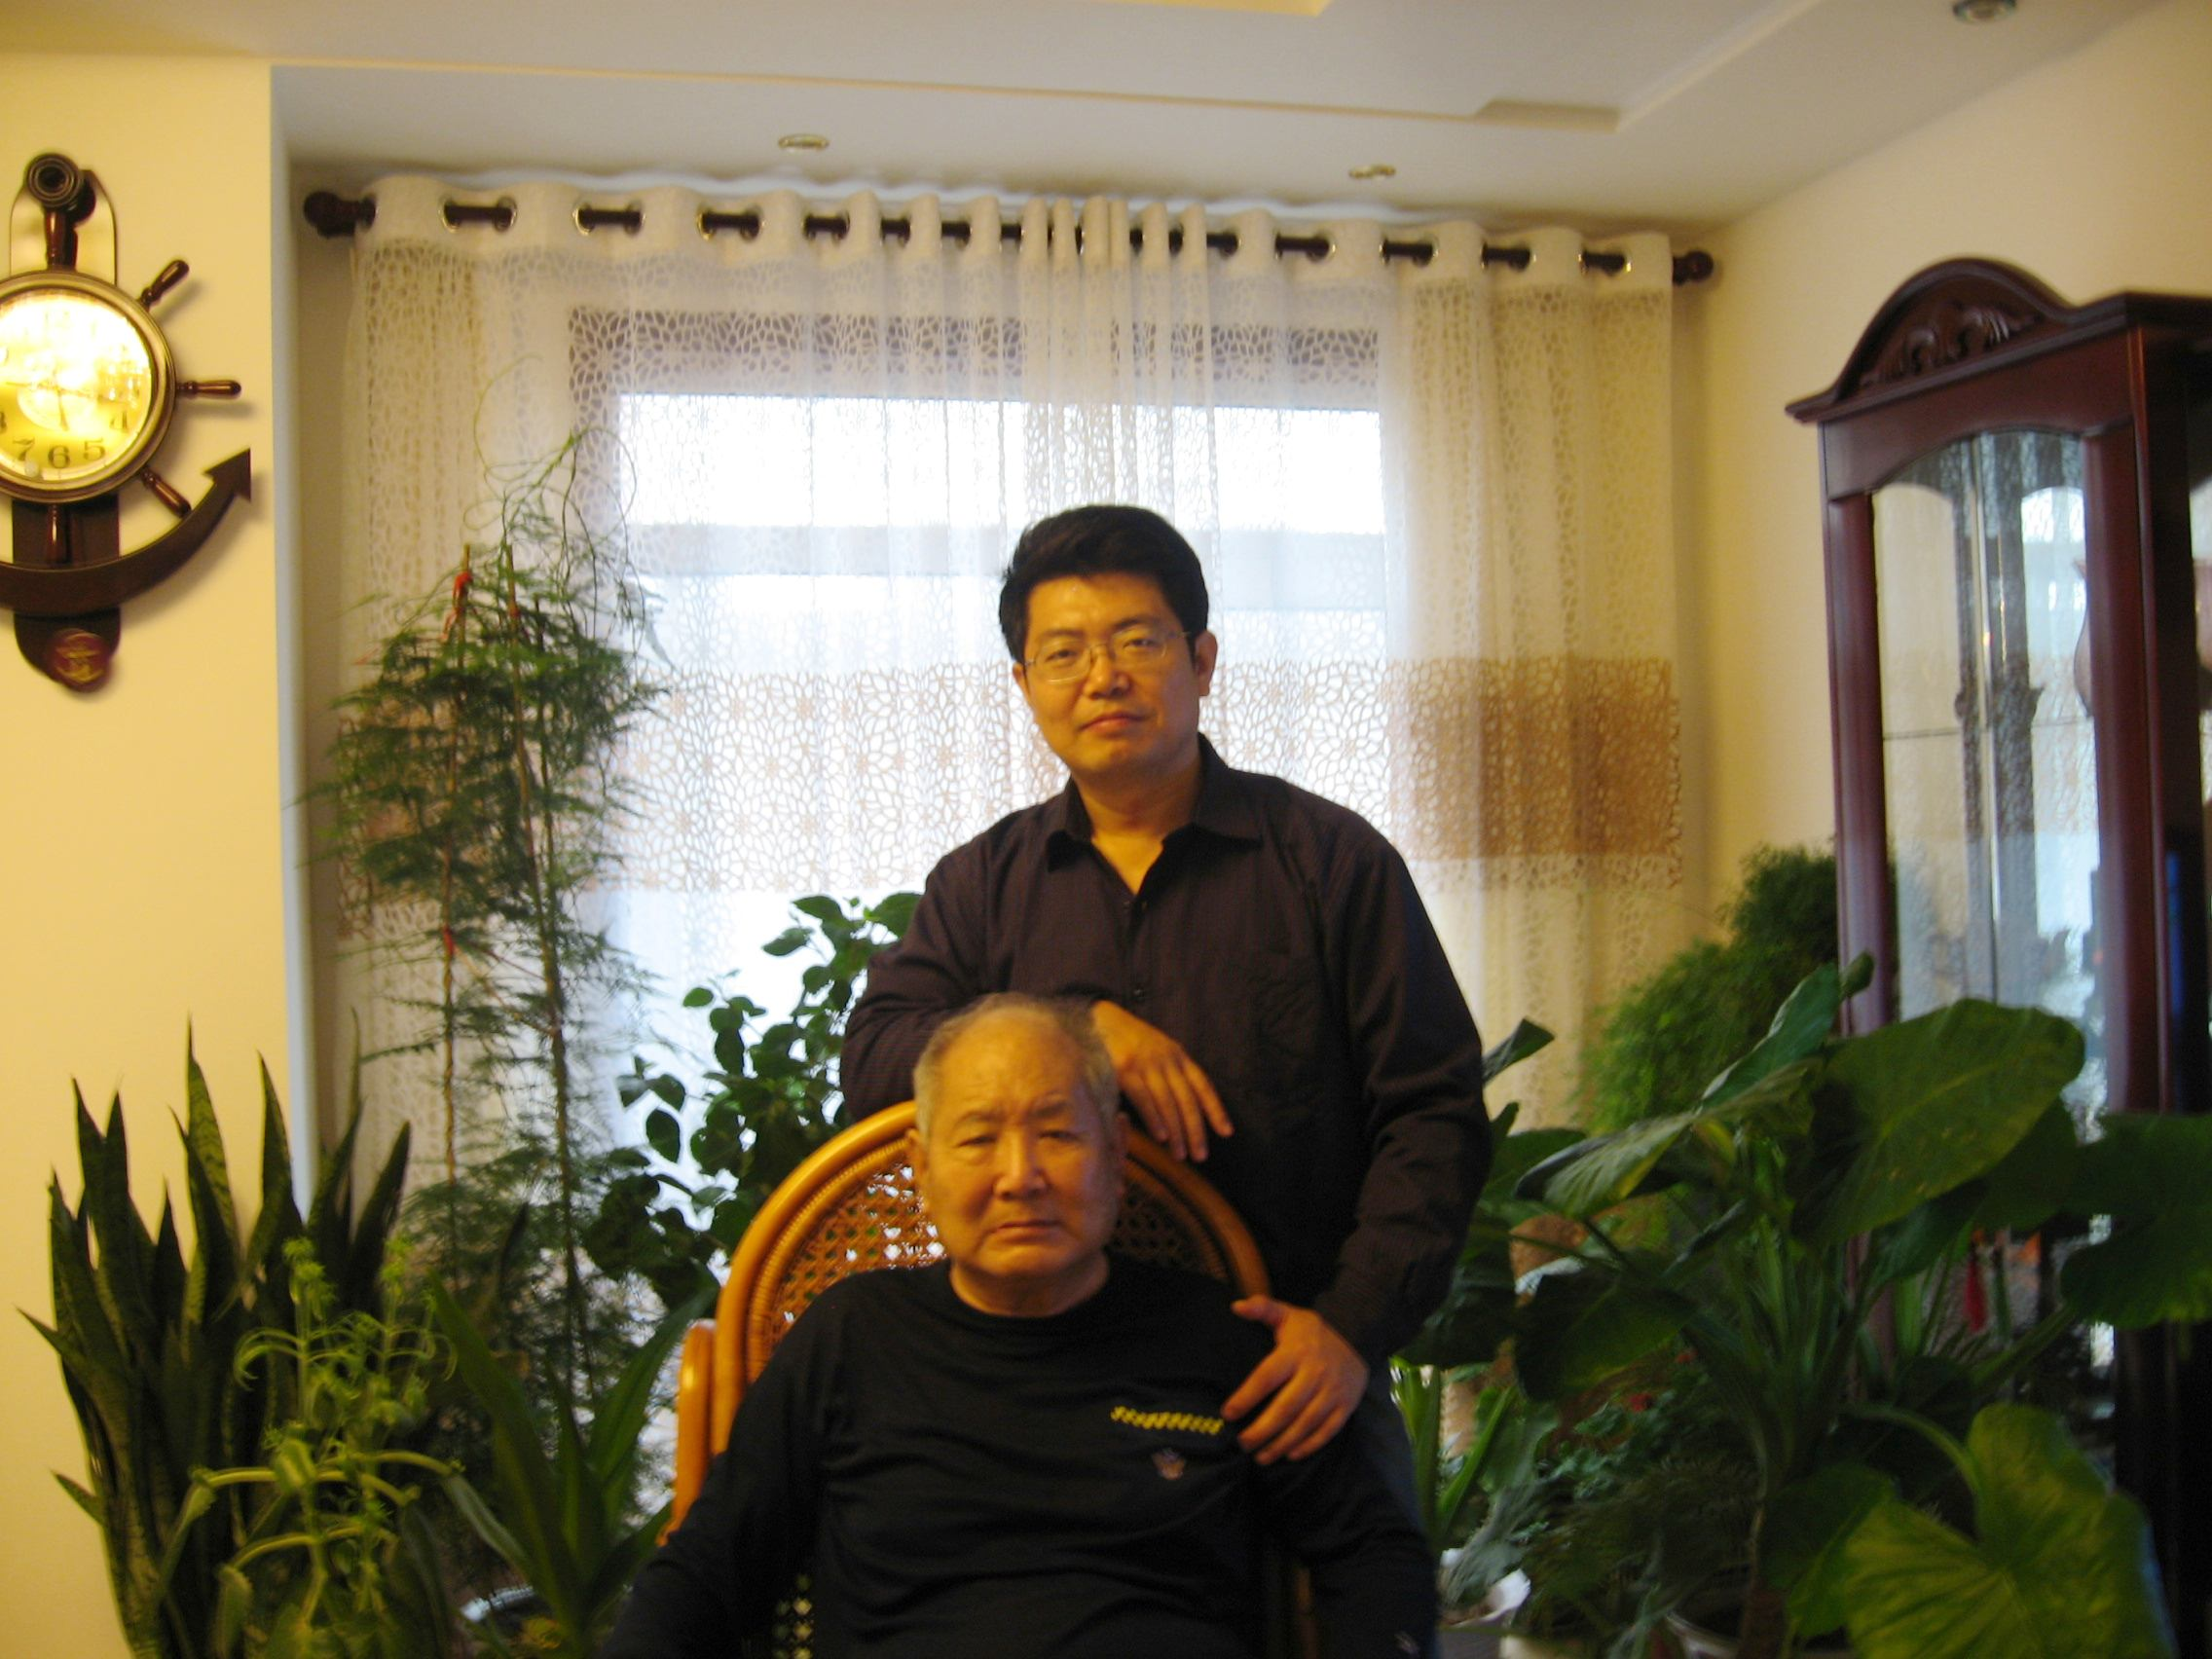 沧州榜书名家、收藏家刘毅、刘瑞华父子在一起.jpg